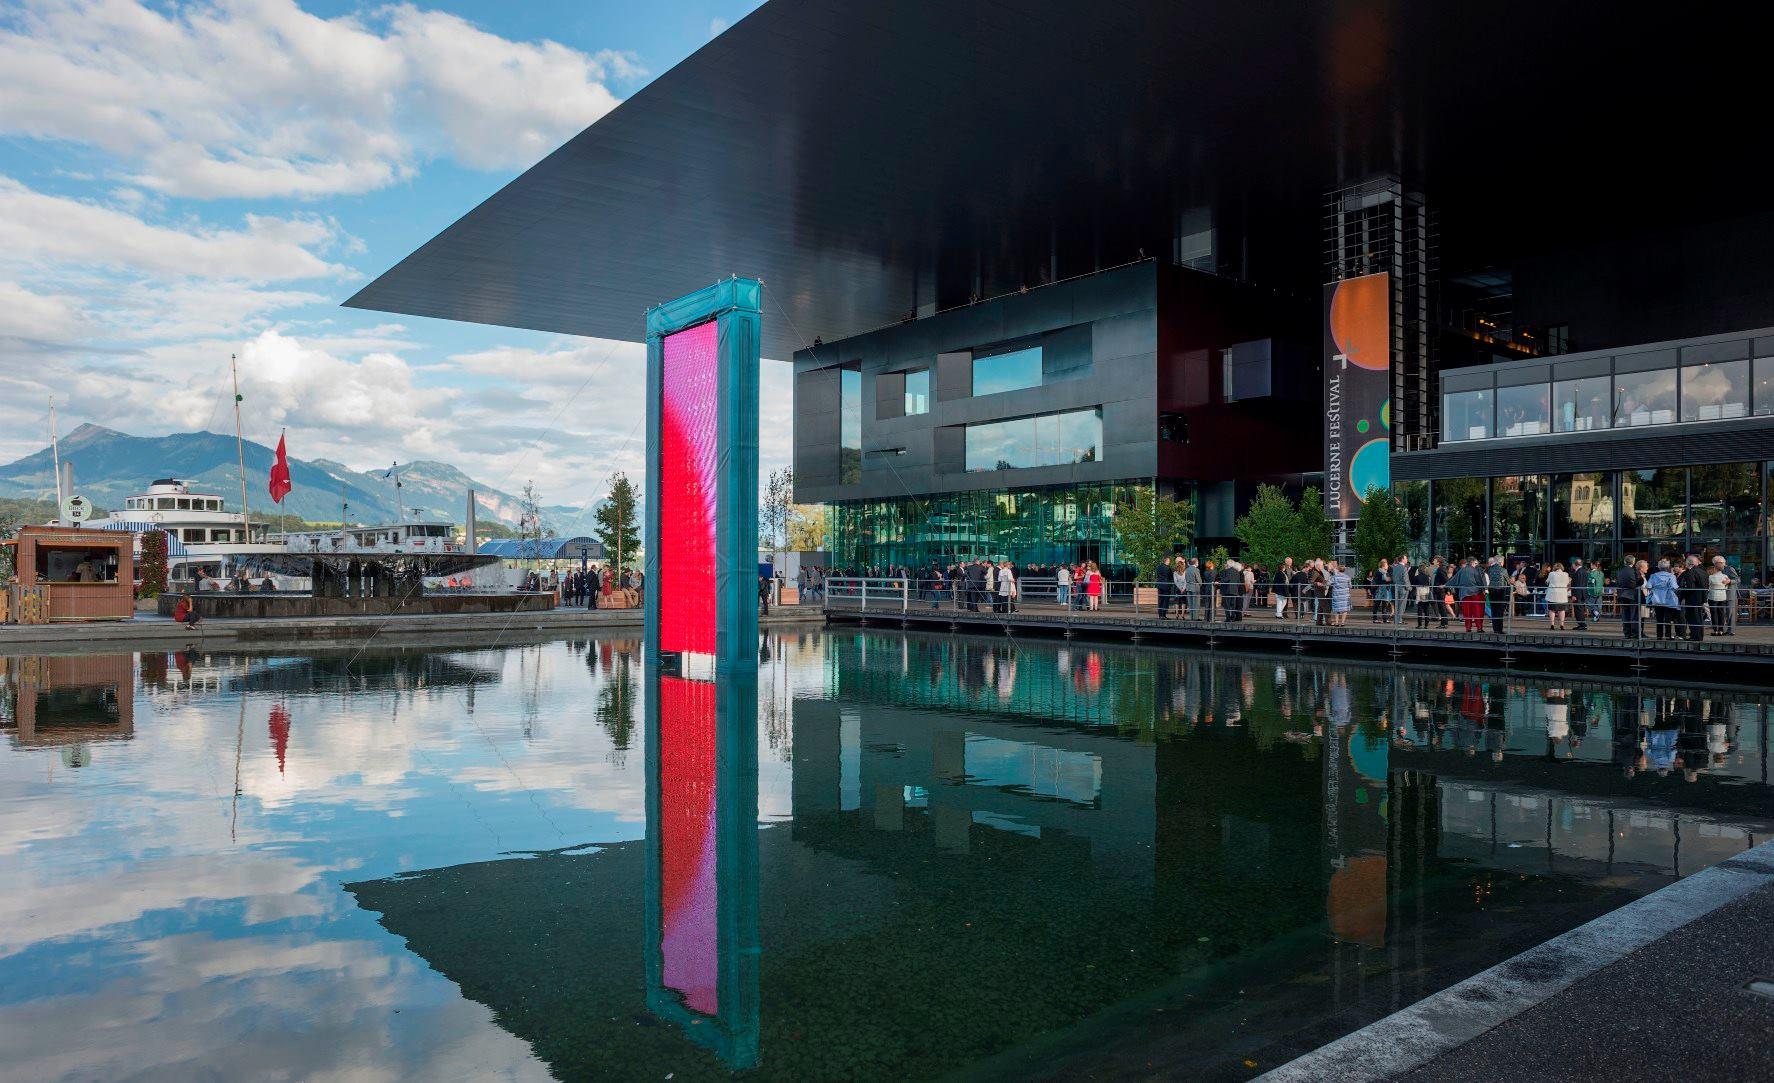 ژان نوول Lucerne Culture and Congress Centre